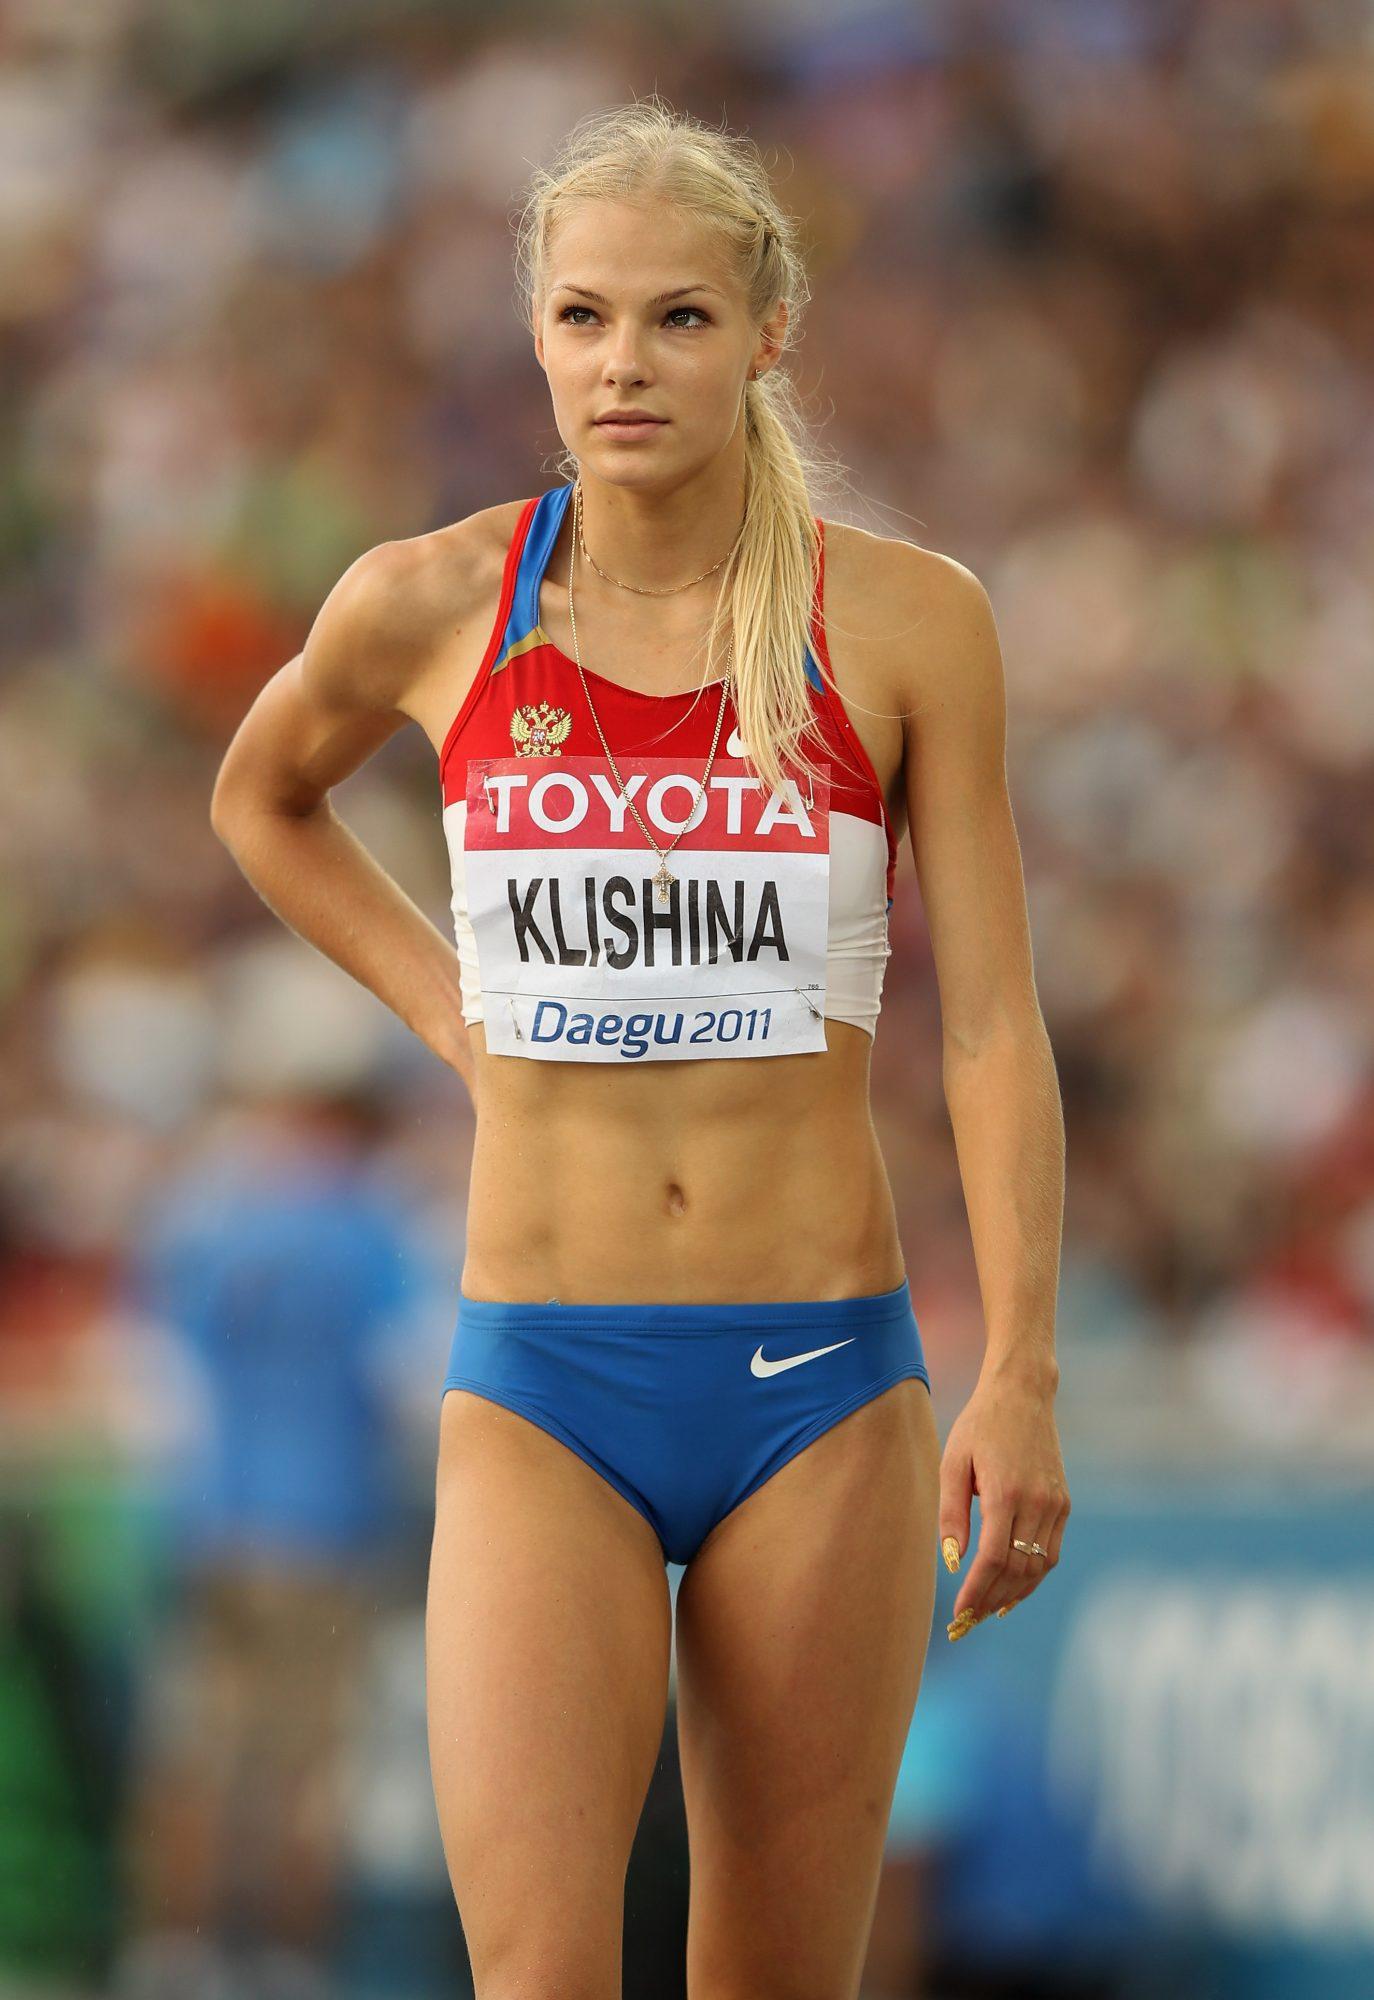 Una medalla olímpica es el gran objetivo de esta bella atleta rusa que se especializa en la modalidad de salto largo. Ha logrado subirse al podio en competiciones europeas y mundiales, por ello es una de las deportistas a seguir en su modalidad.